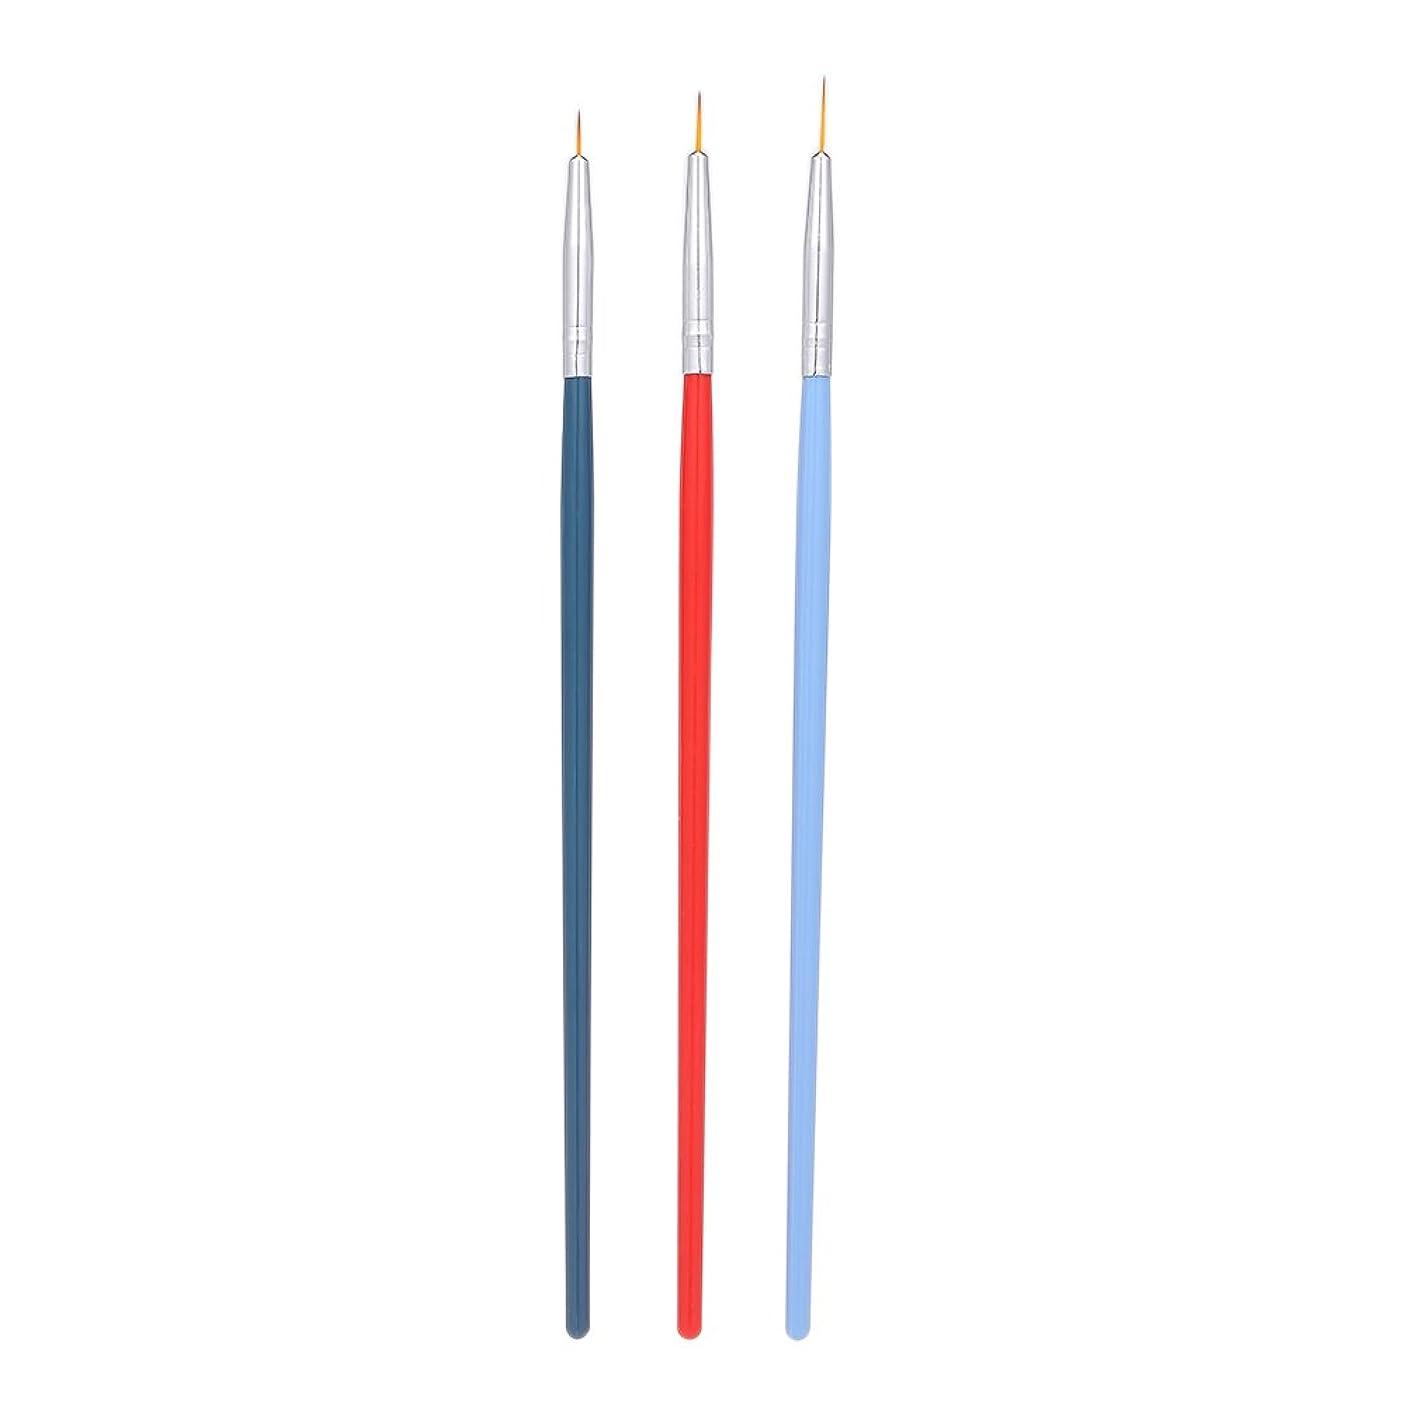 順番クレアしばしばDecdeal 3本 ネイルアートライナーブラシ ネイルブラシ ペン UVジェル塗装 セット マニキュア ネイルツール プラスチックハンドル